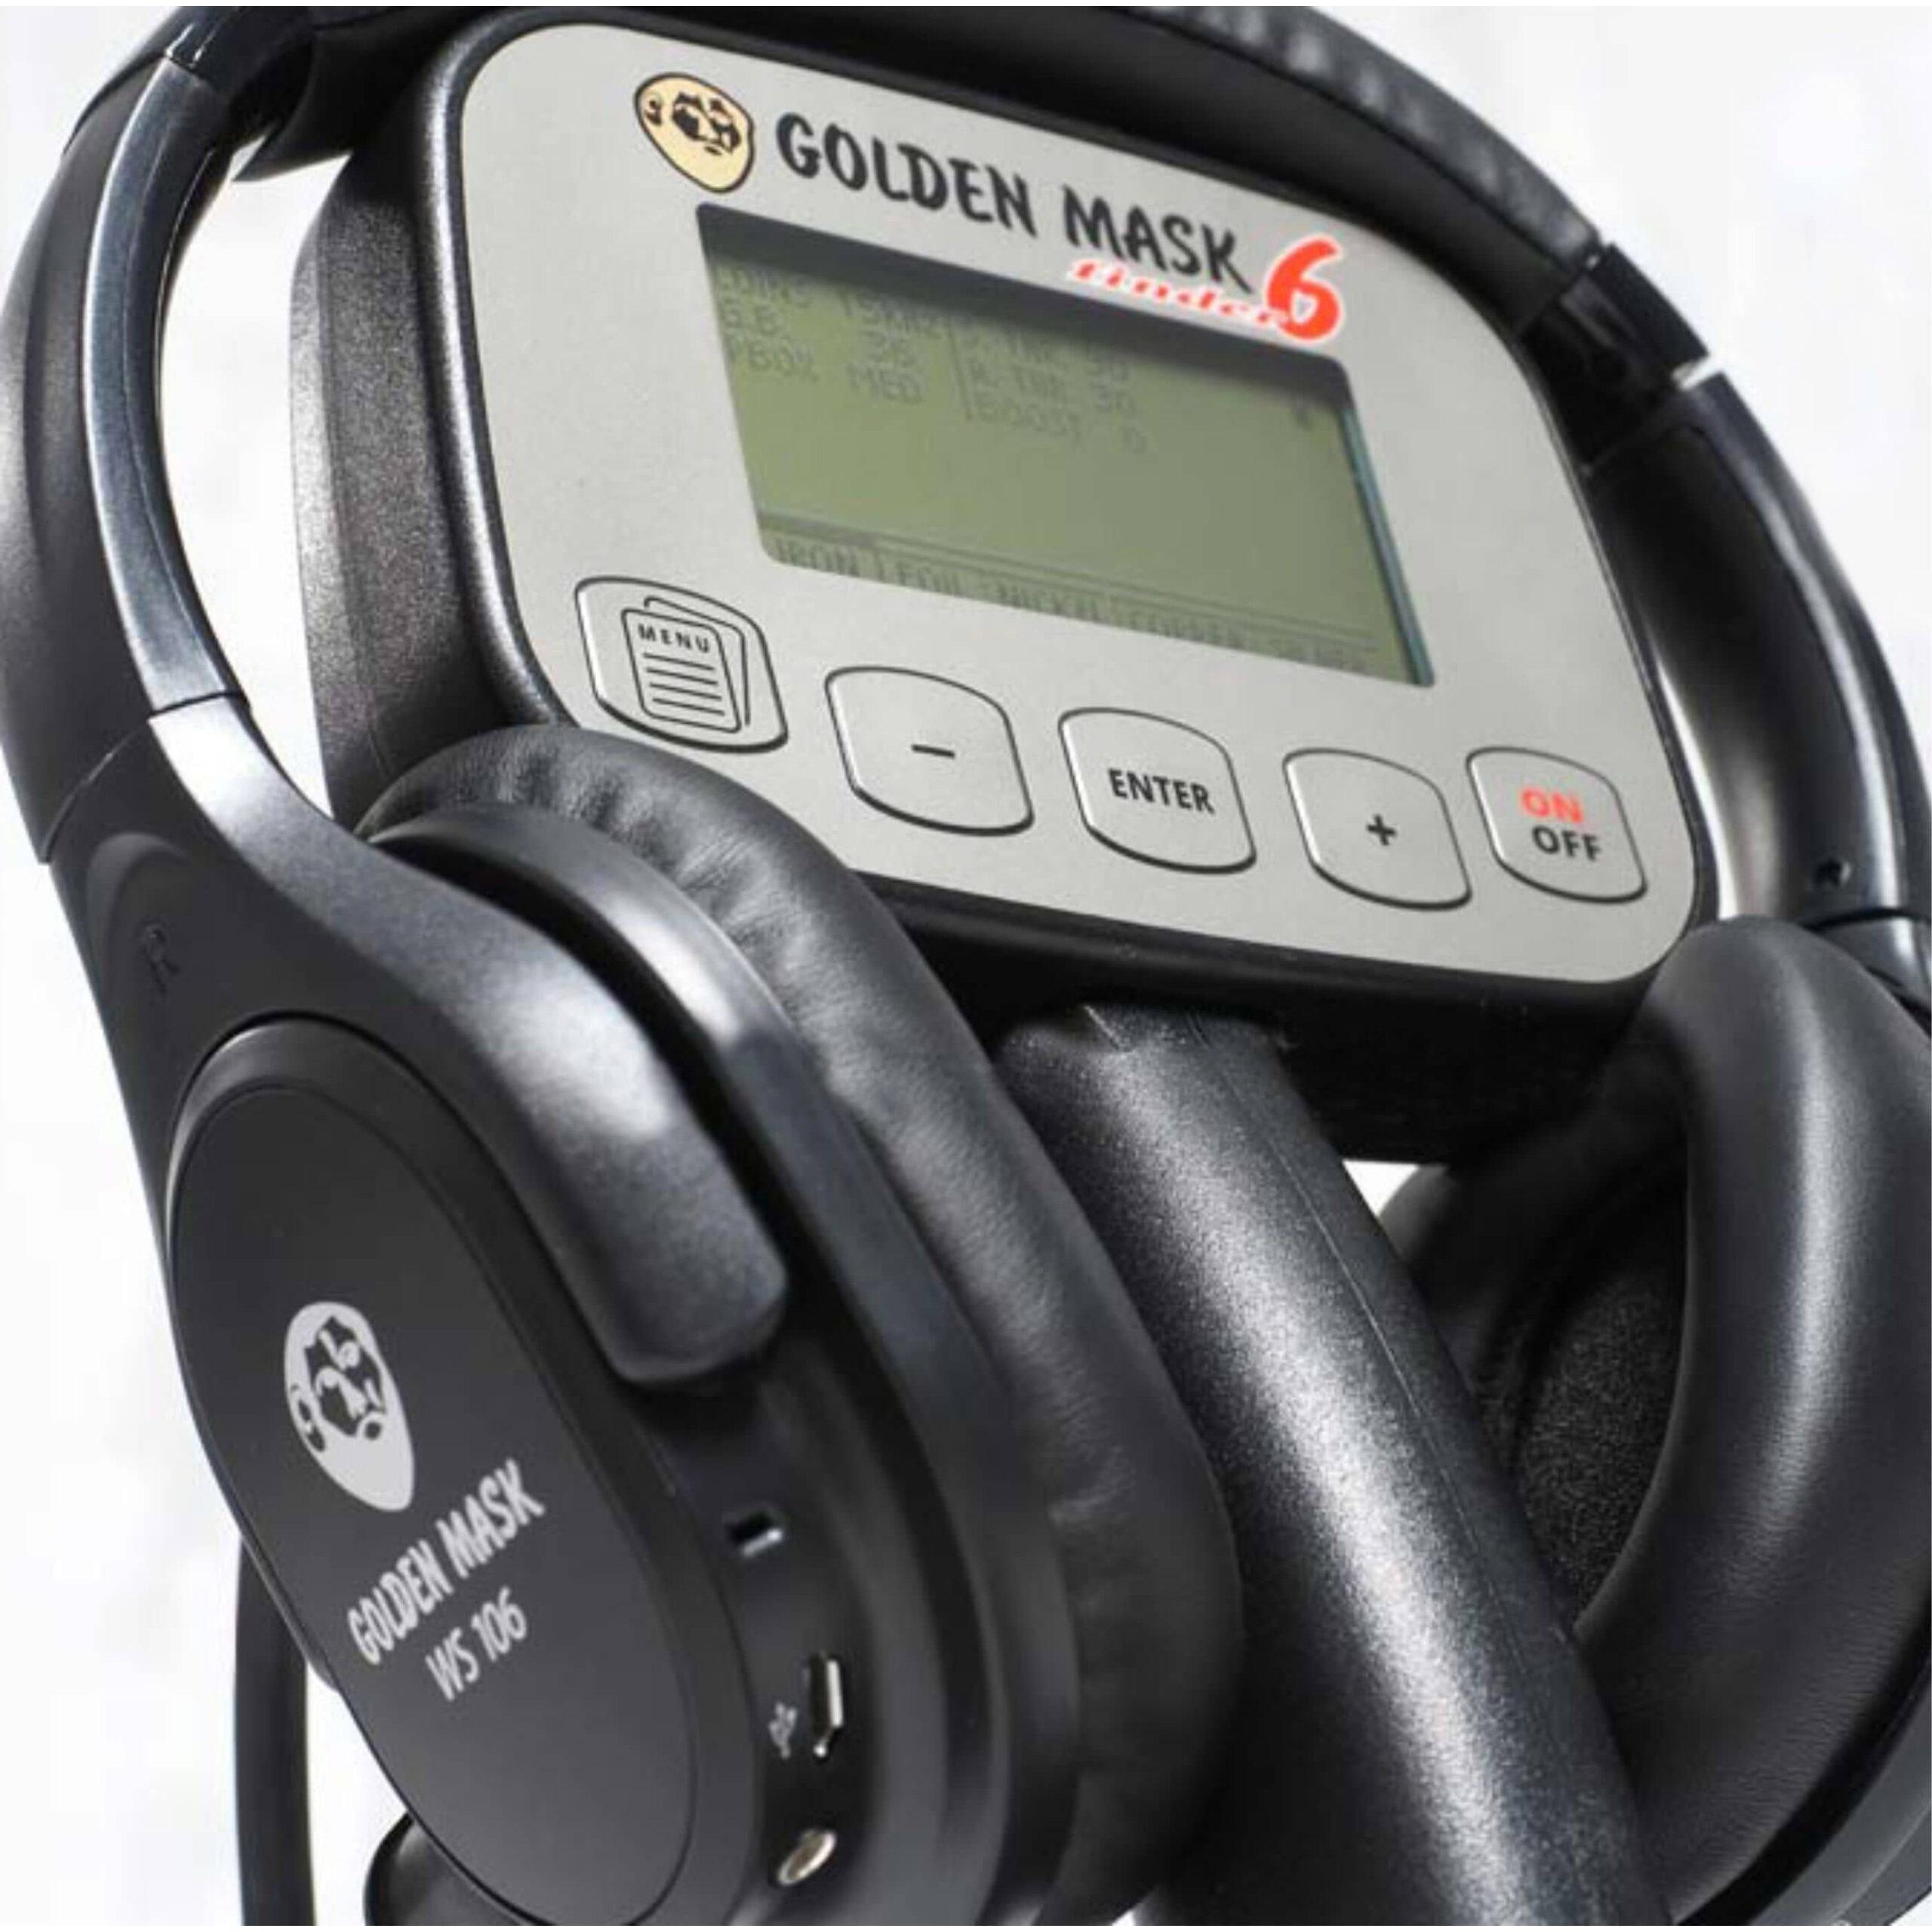 Металотърсач Golden Mask 6 с безжични слушалки и зарядно